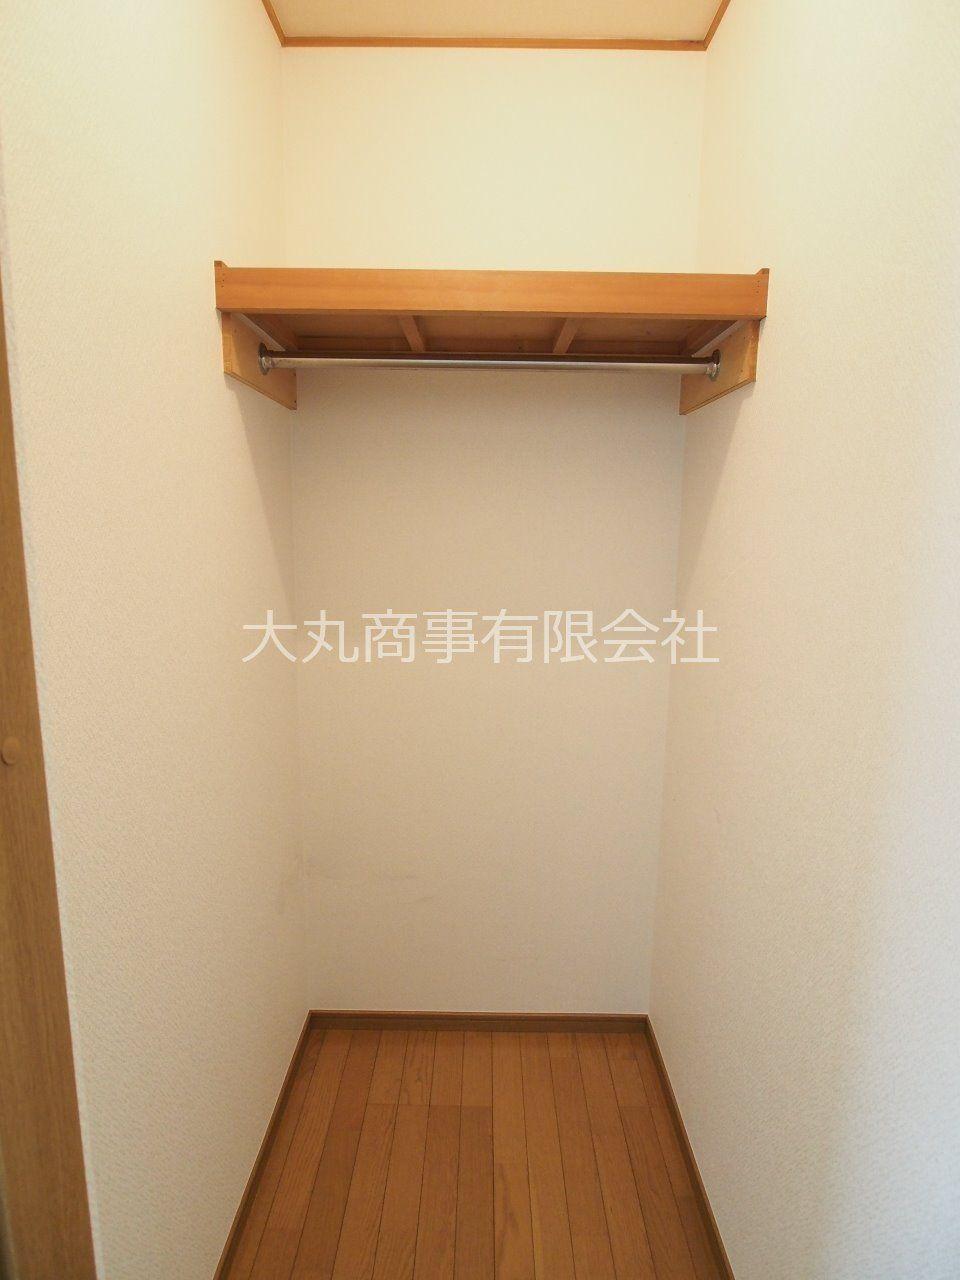 居室内の収納はウォークインになっていて、収納力あり。お部屋もスッキリ片付きます。